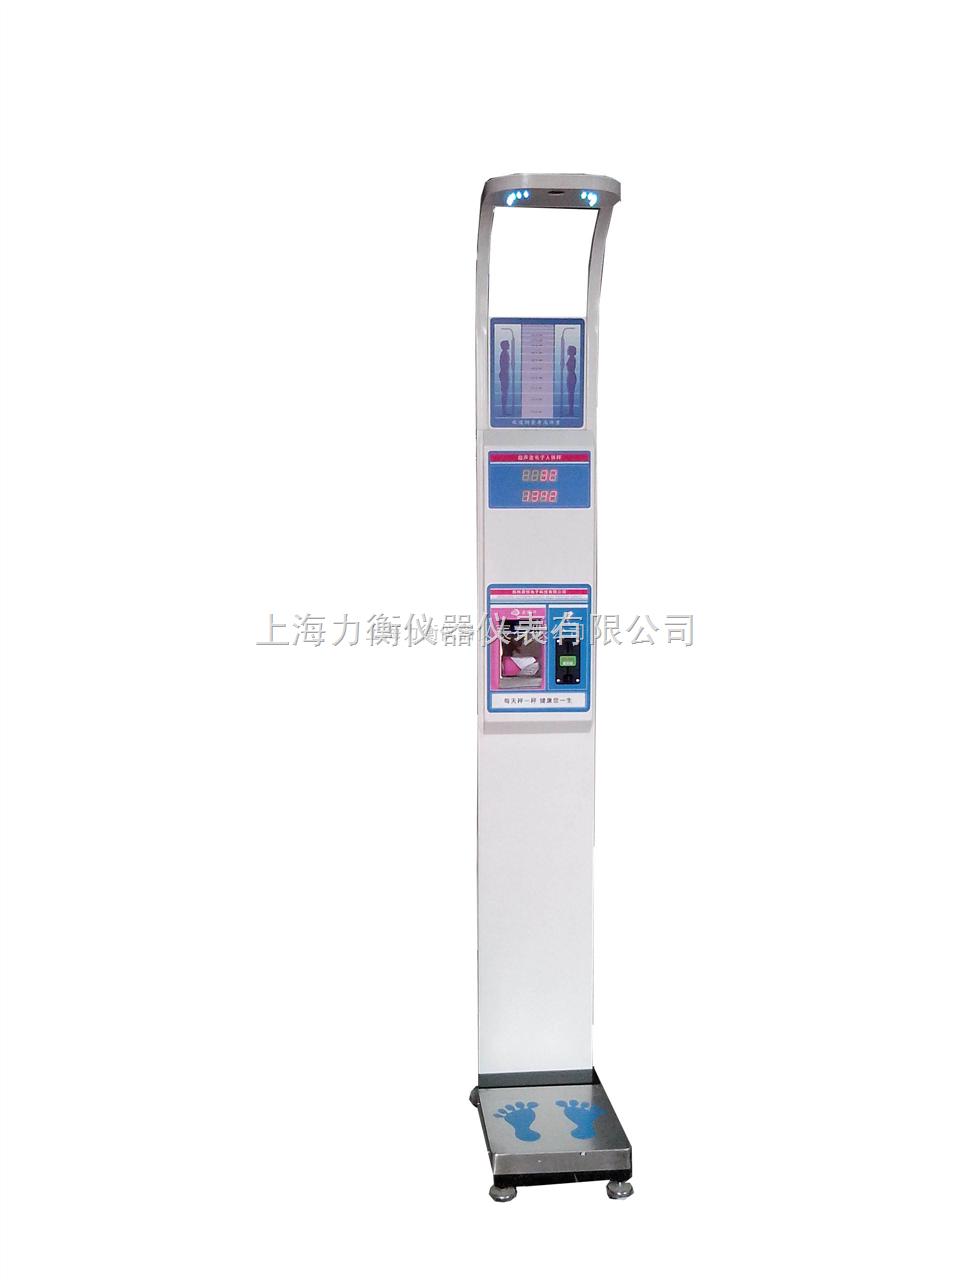 供應天津投幣型電子身高稱,超聲波投幣身高體重秤